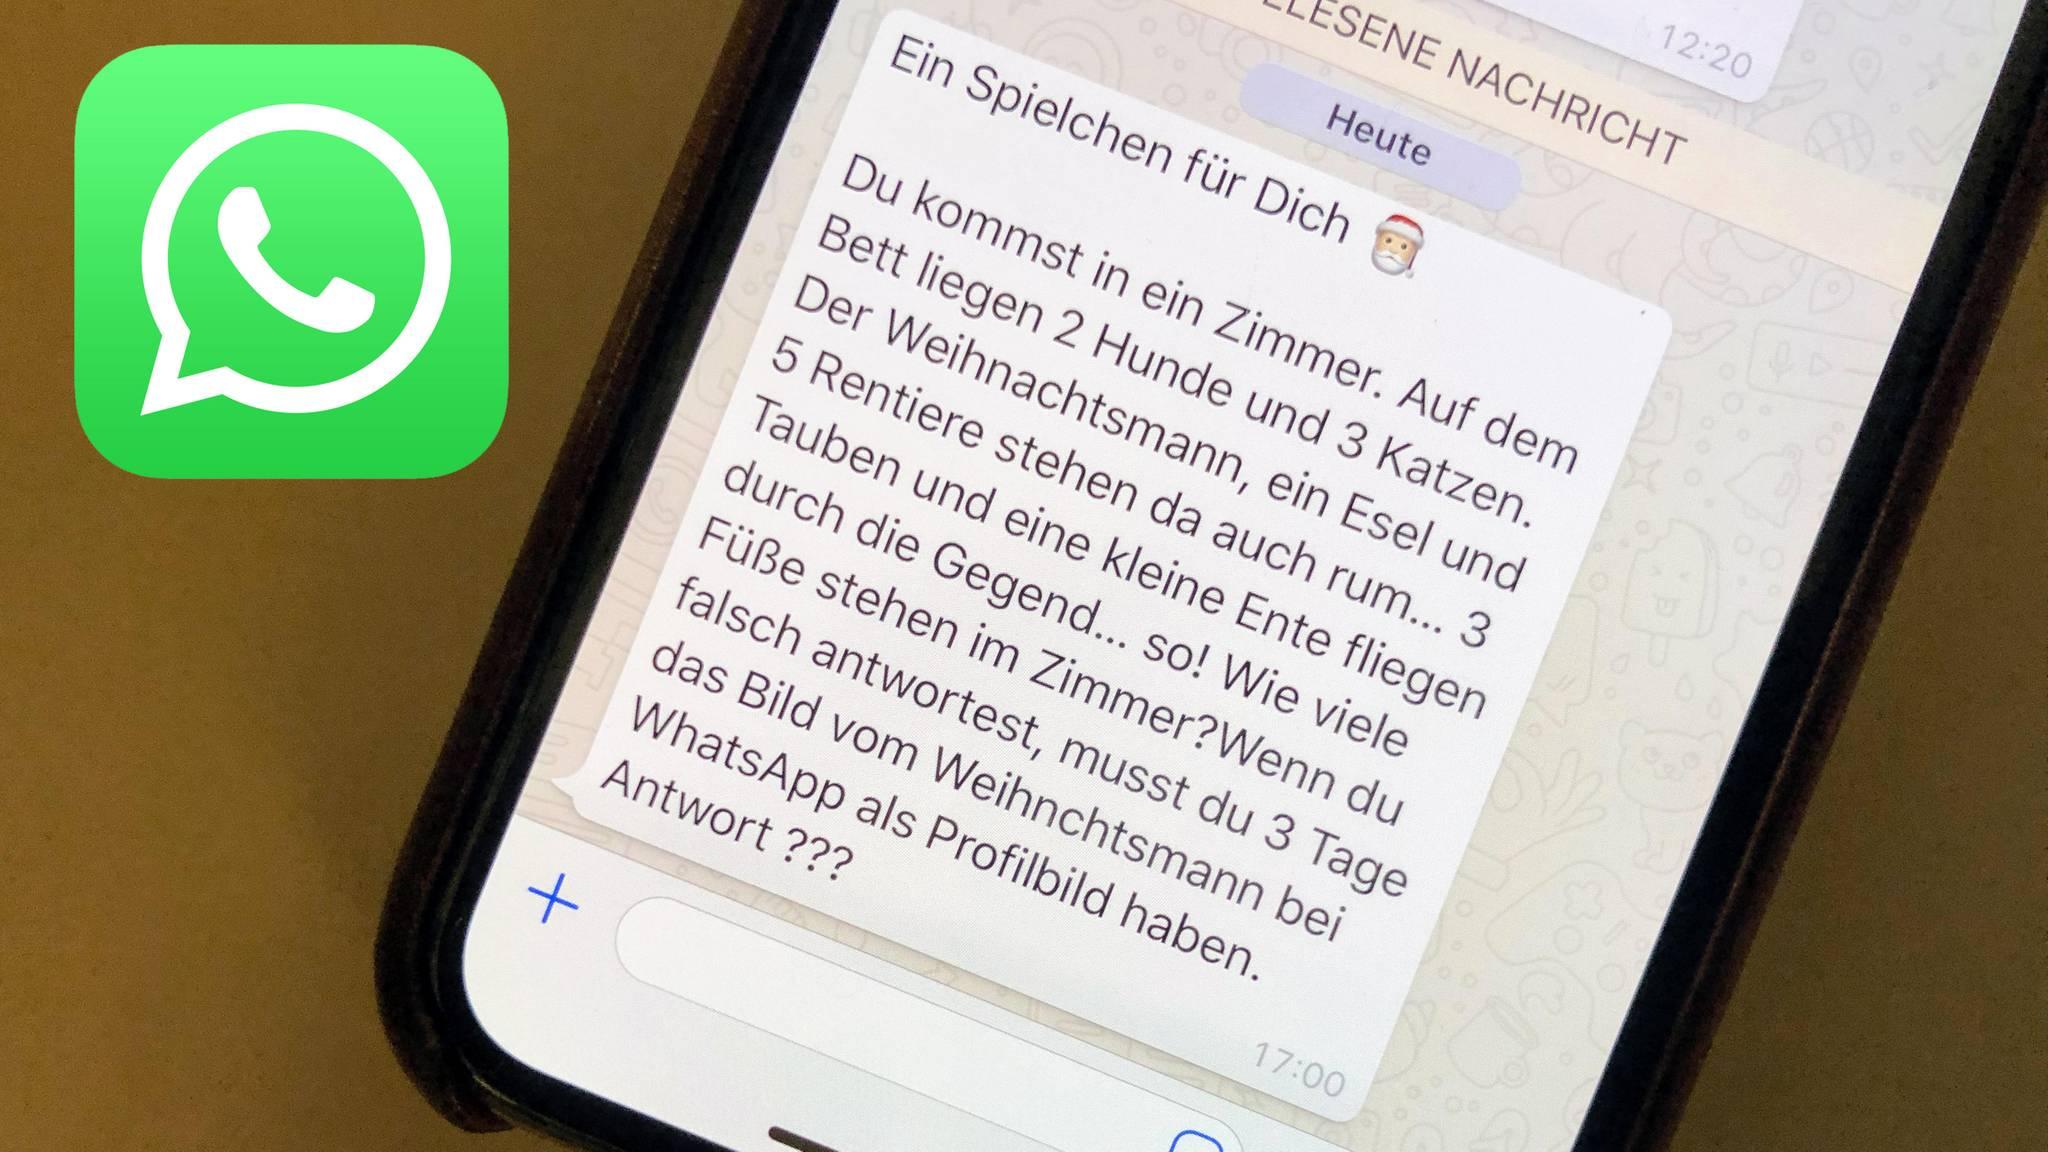 Whatsapp Profilbild Weg Und Wieder Da Tipp Whatsapp